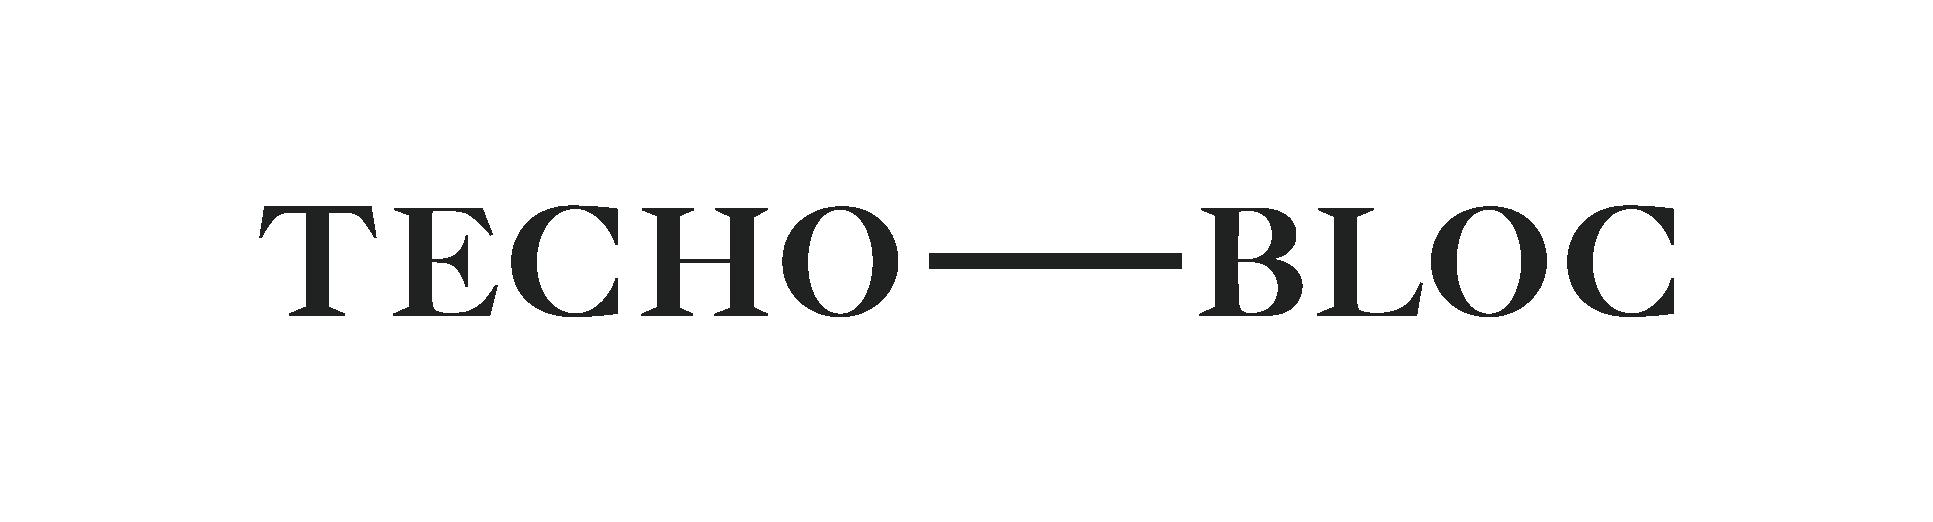 Techo-Bloc_primary_logo-black